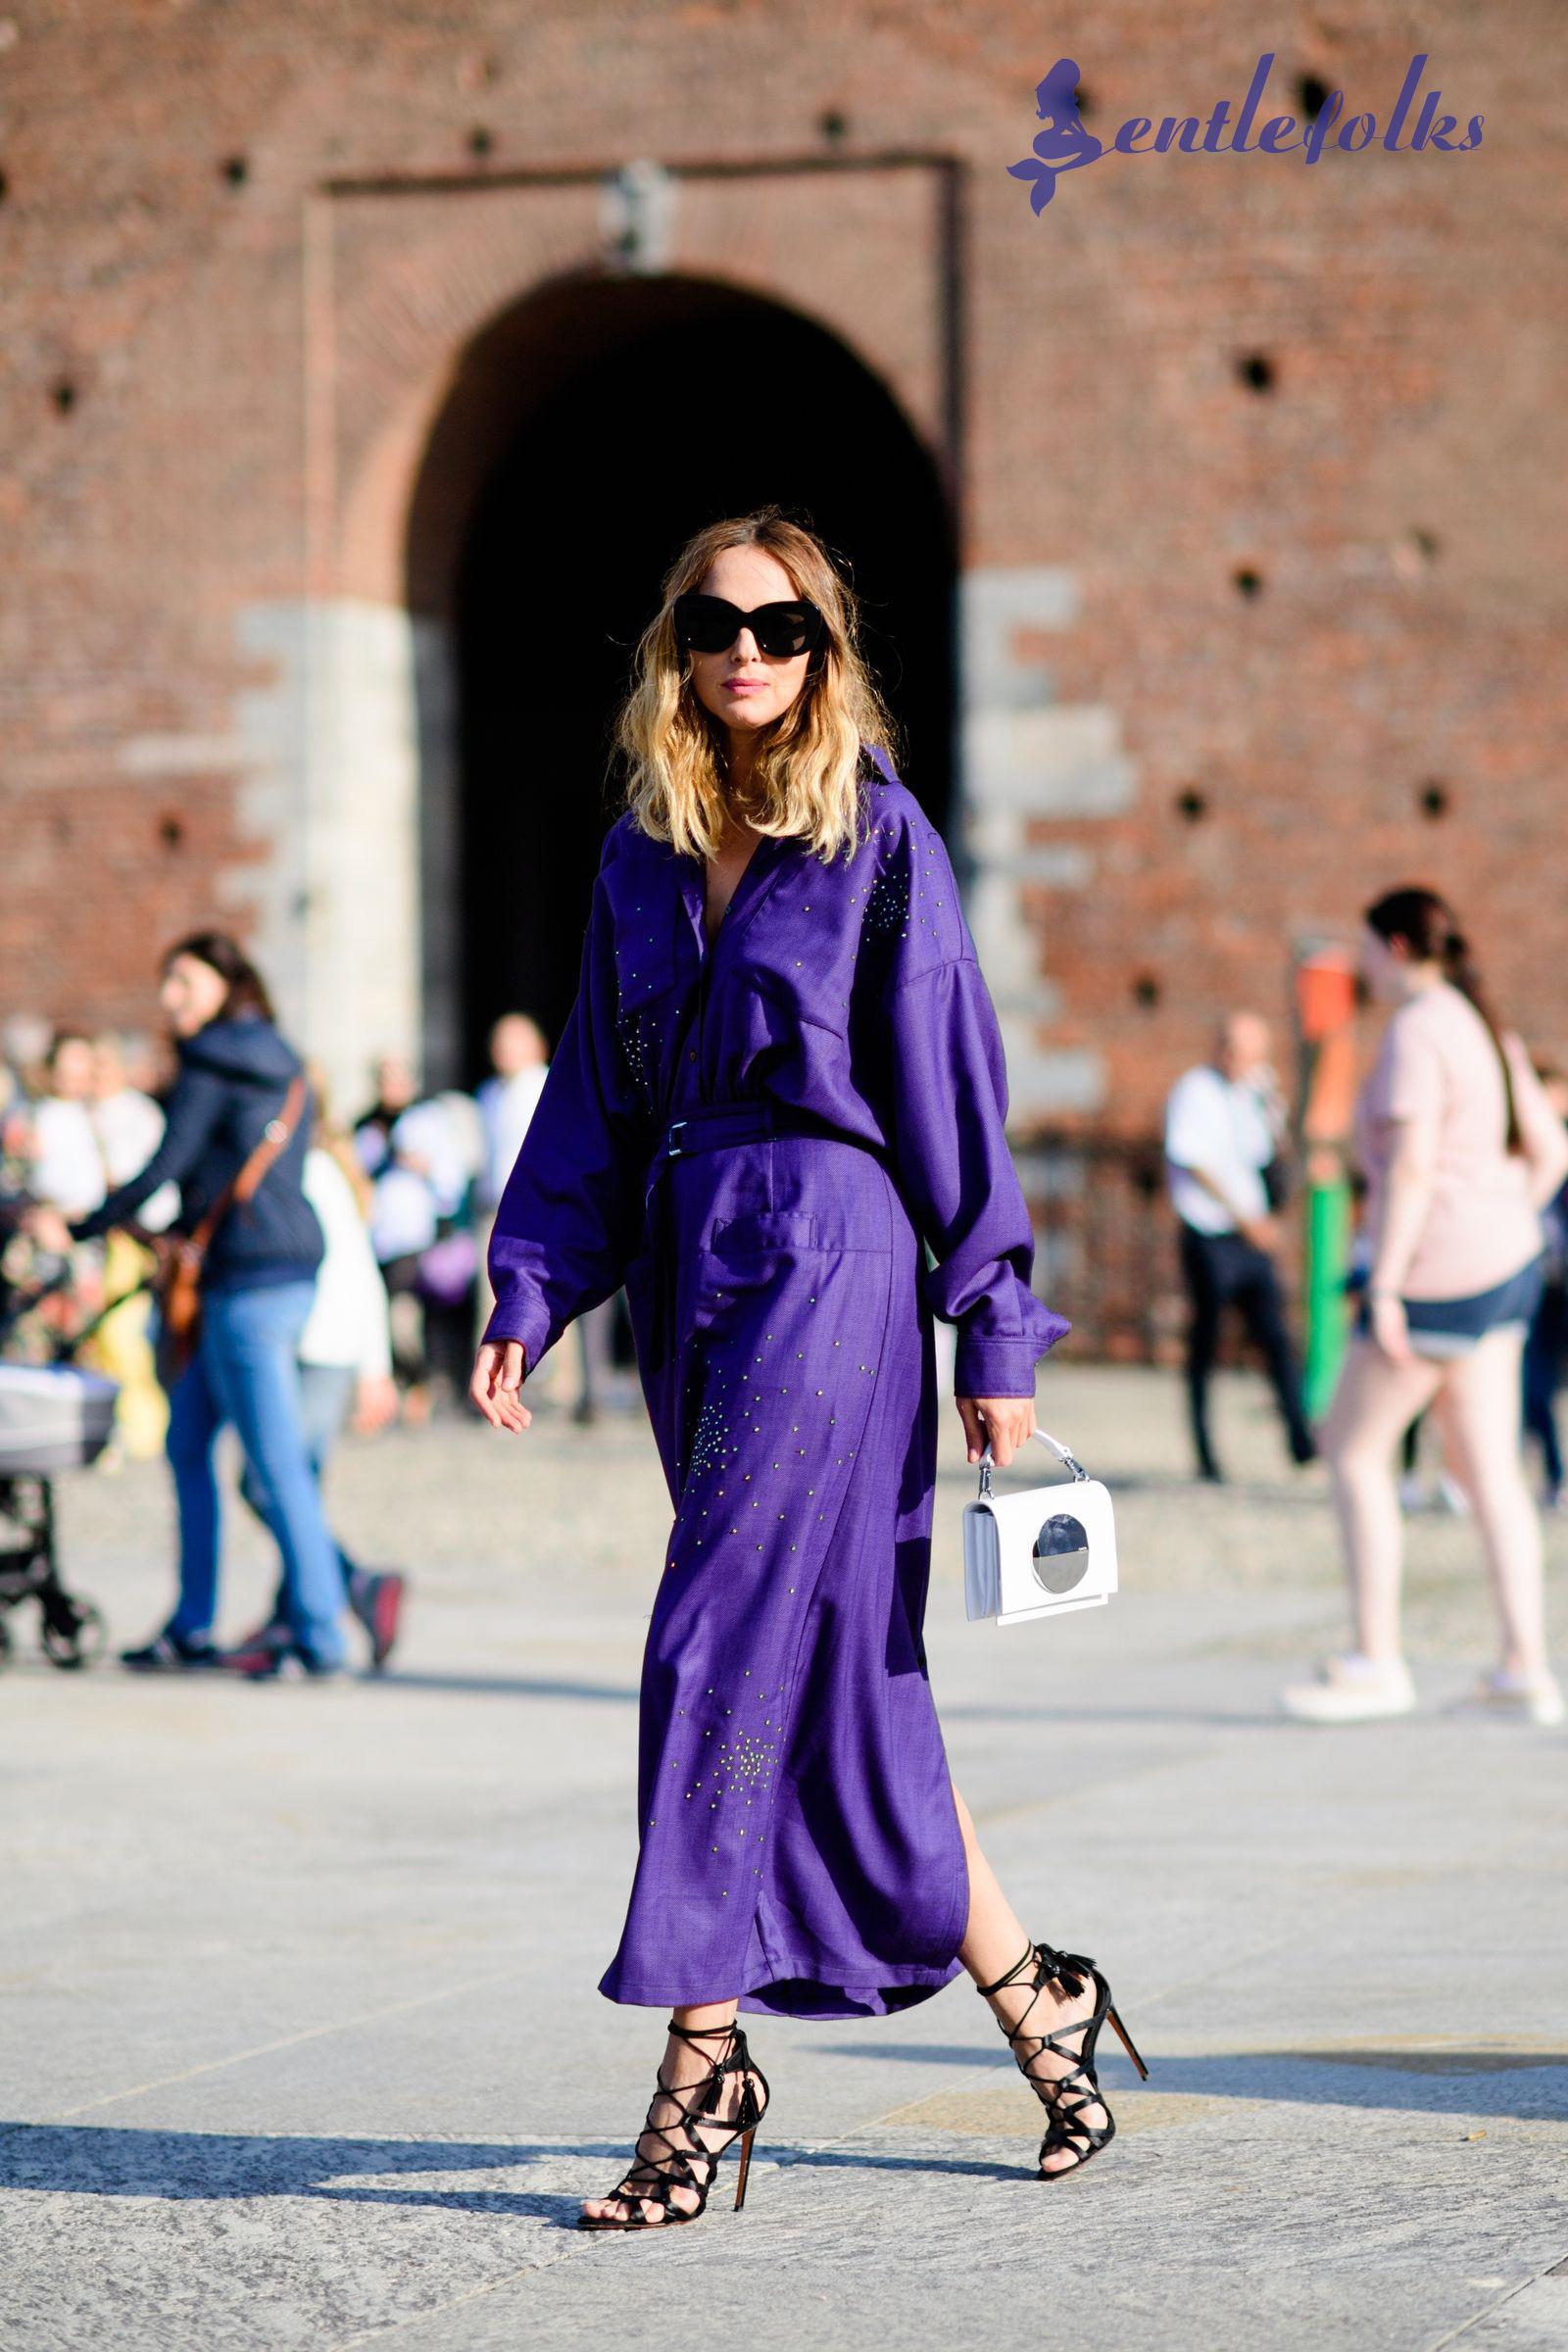 Kết hợp váy maxi với giày cao gót rất hợp thời trang